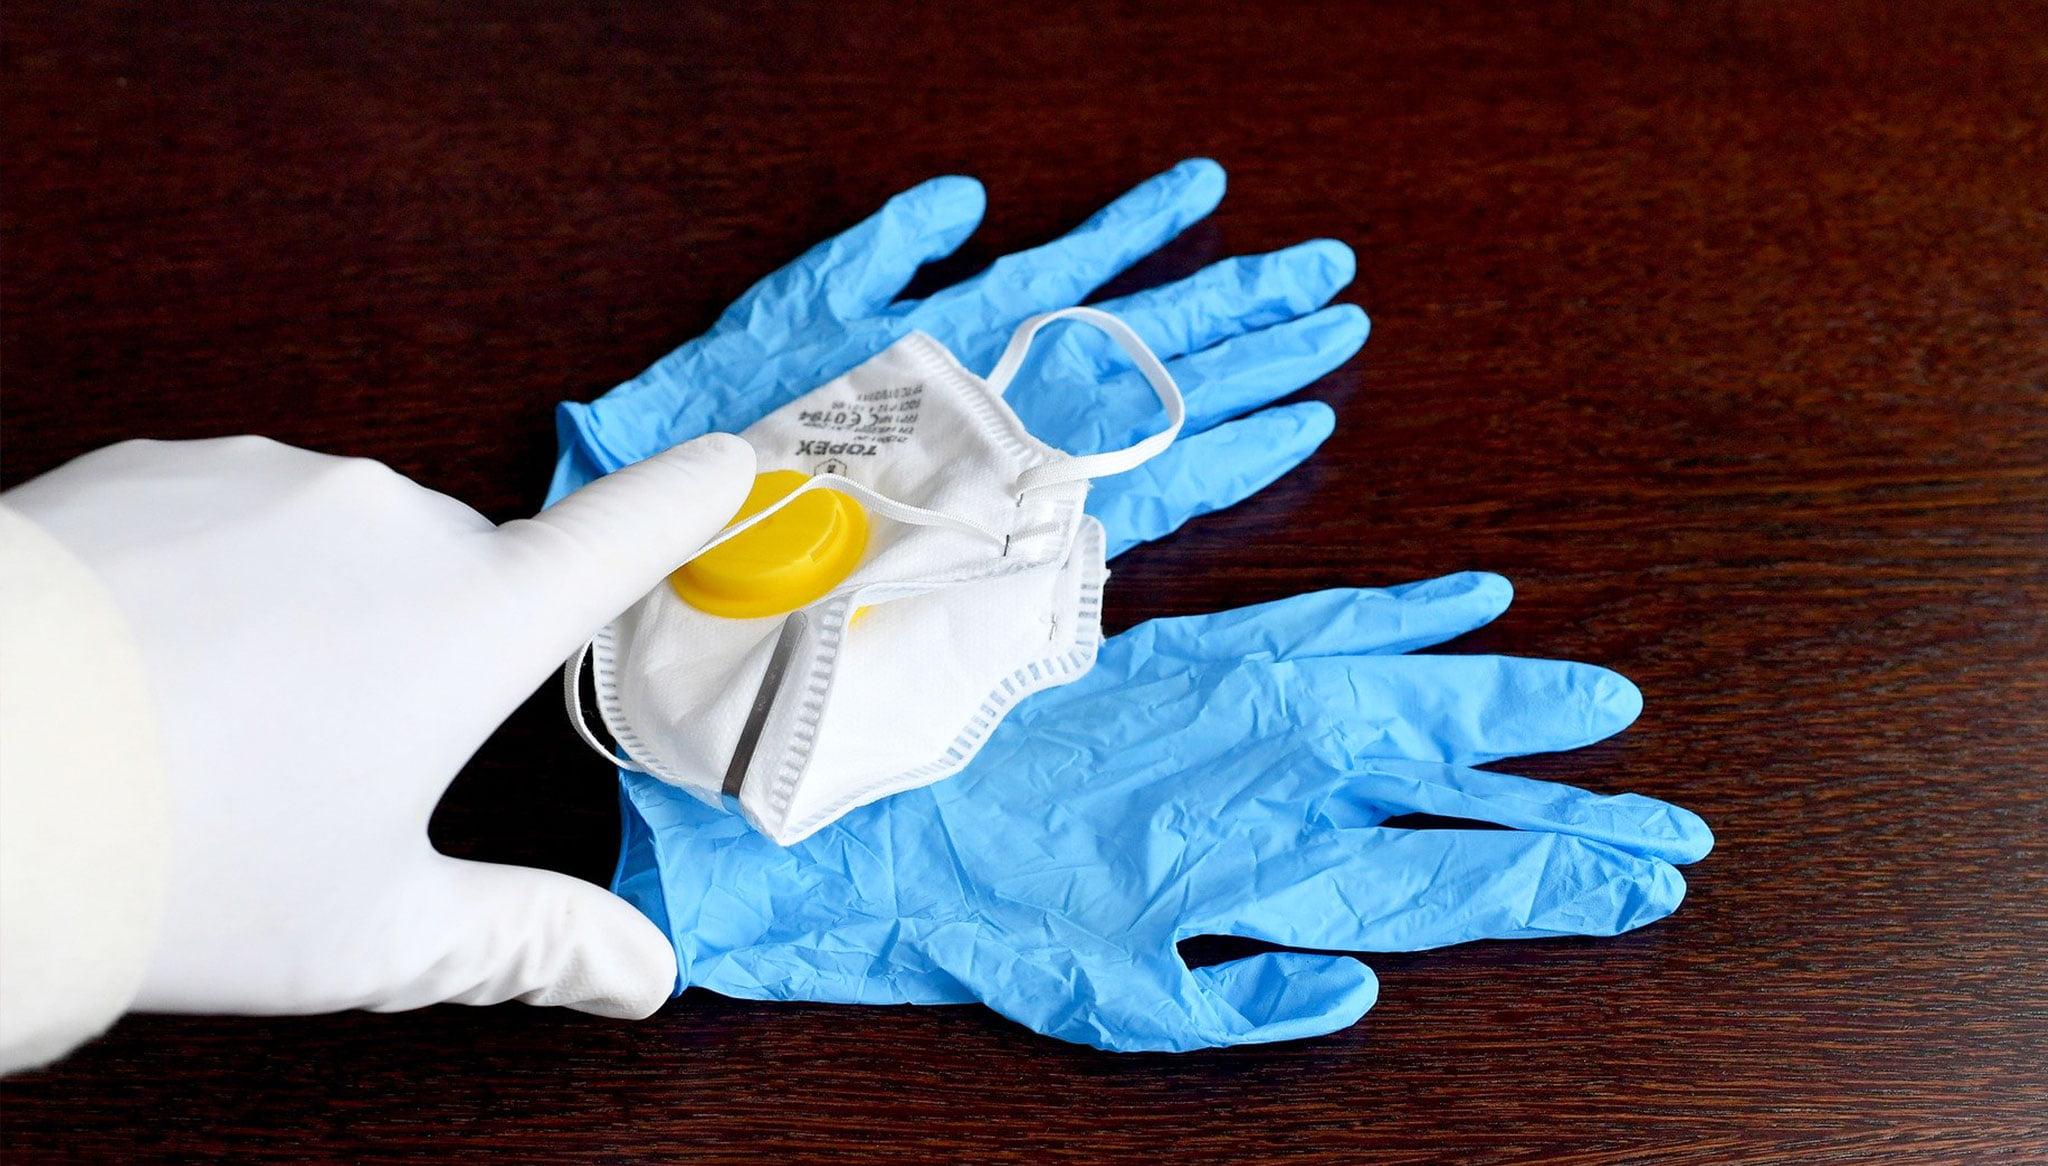 Materiale sanitario protettivo contro il coronavirus